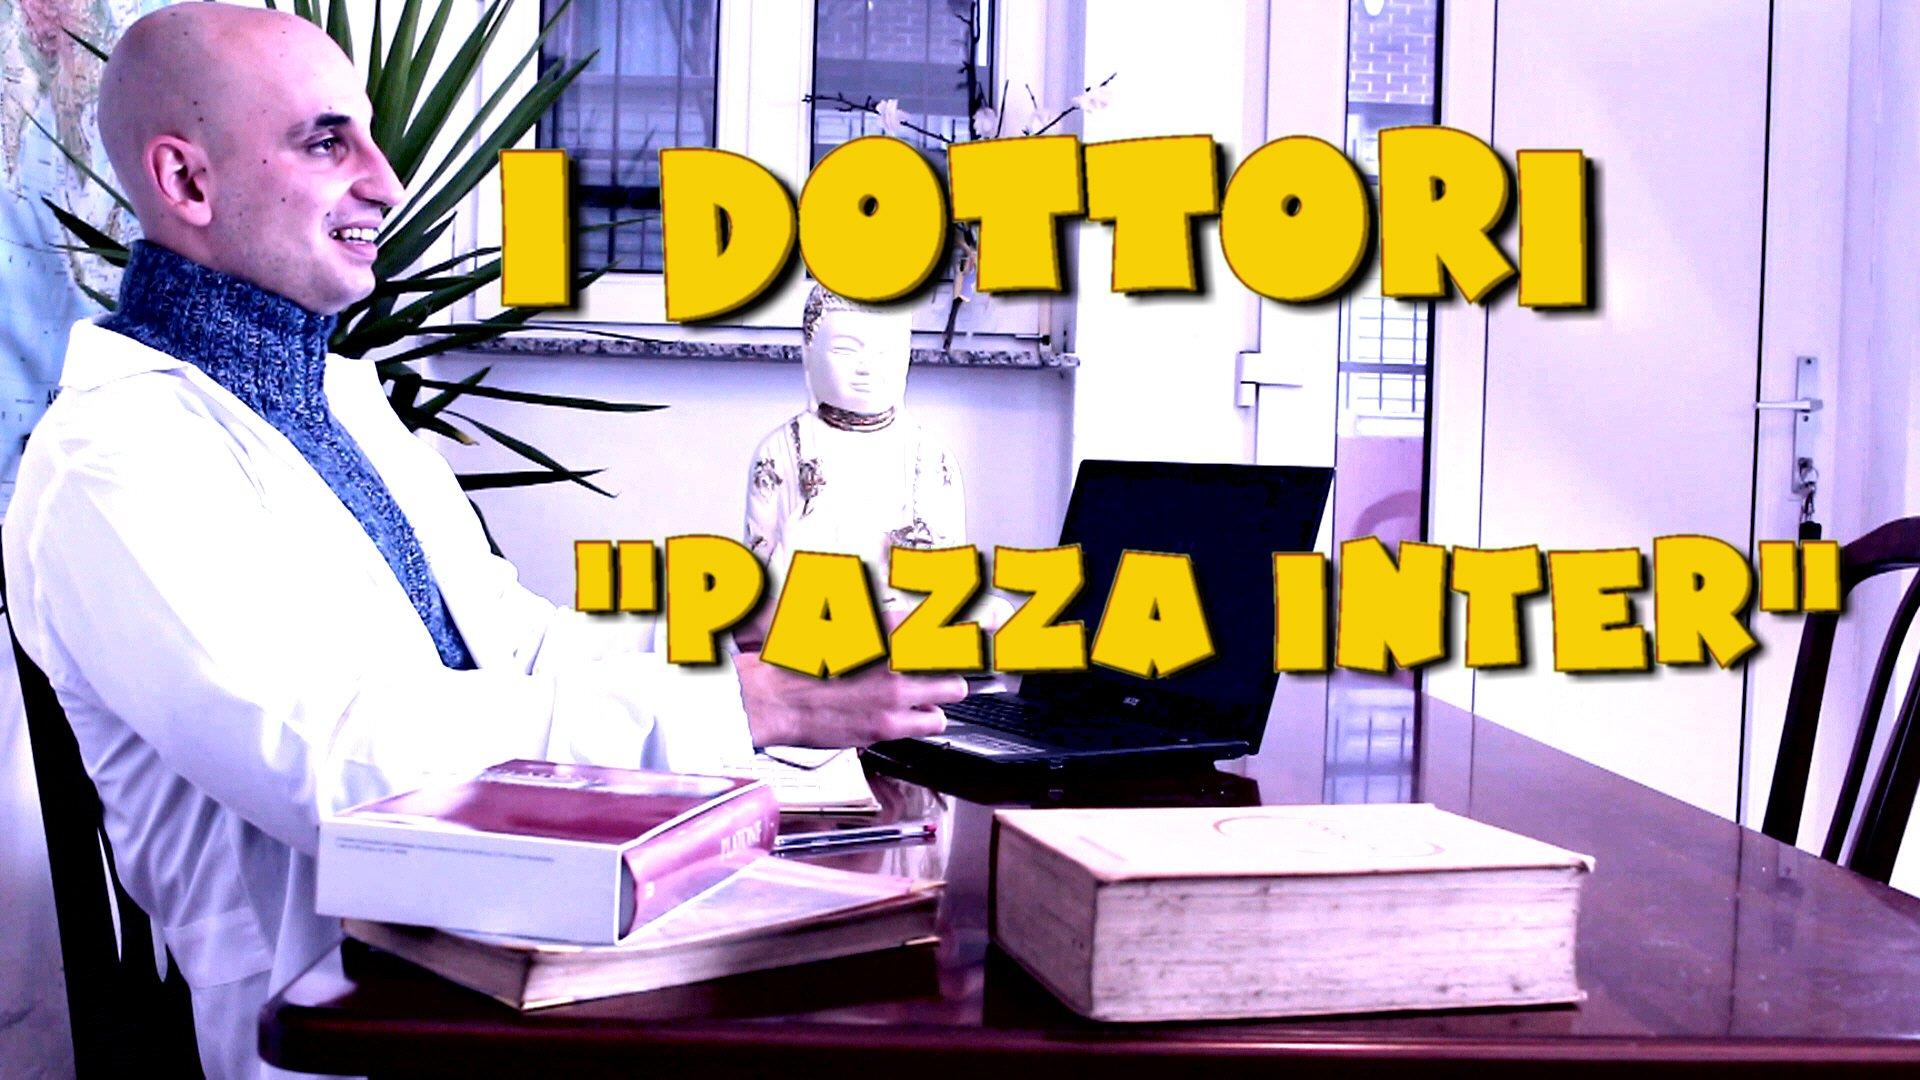 Roma Web Fest - PAZZA INTER DELLA SERIE WEB I DOTTORI